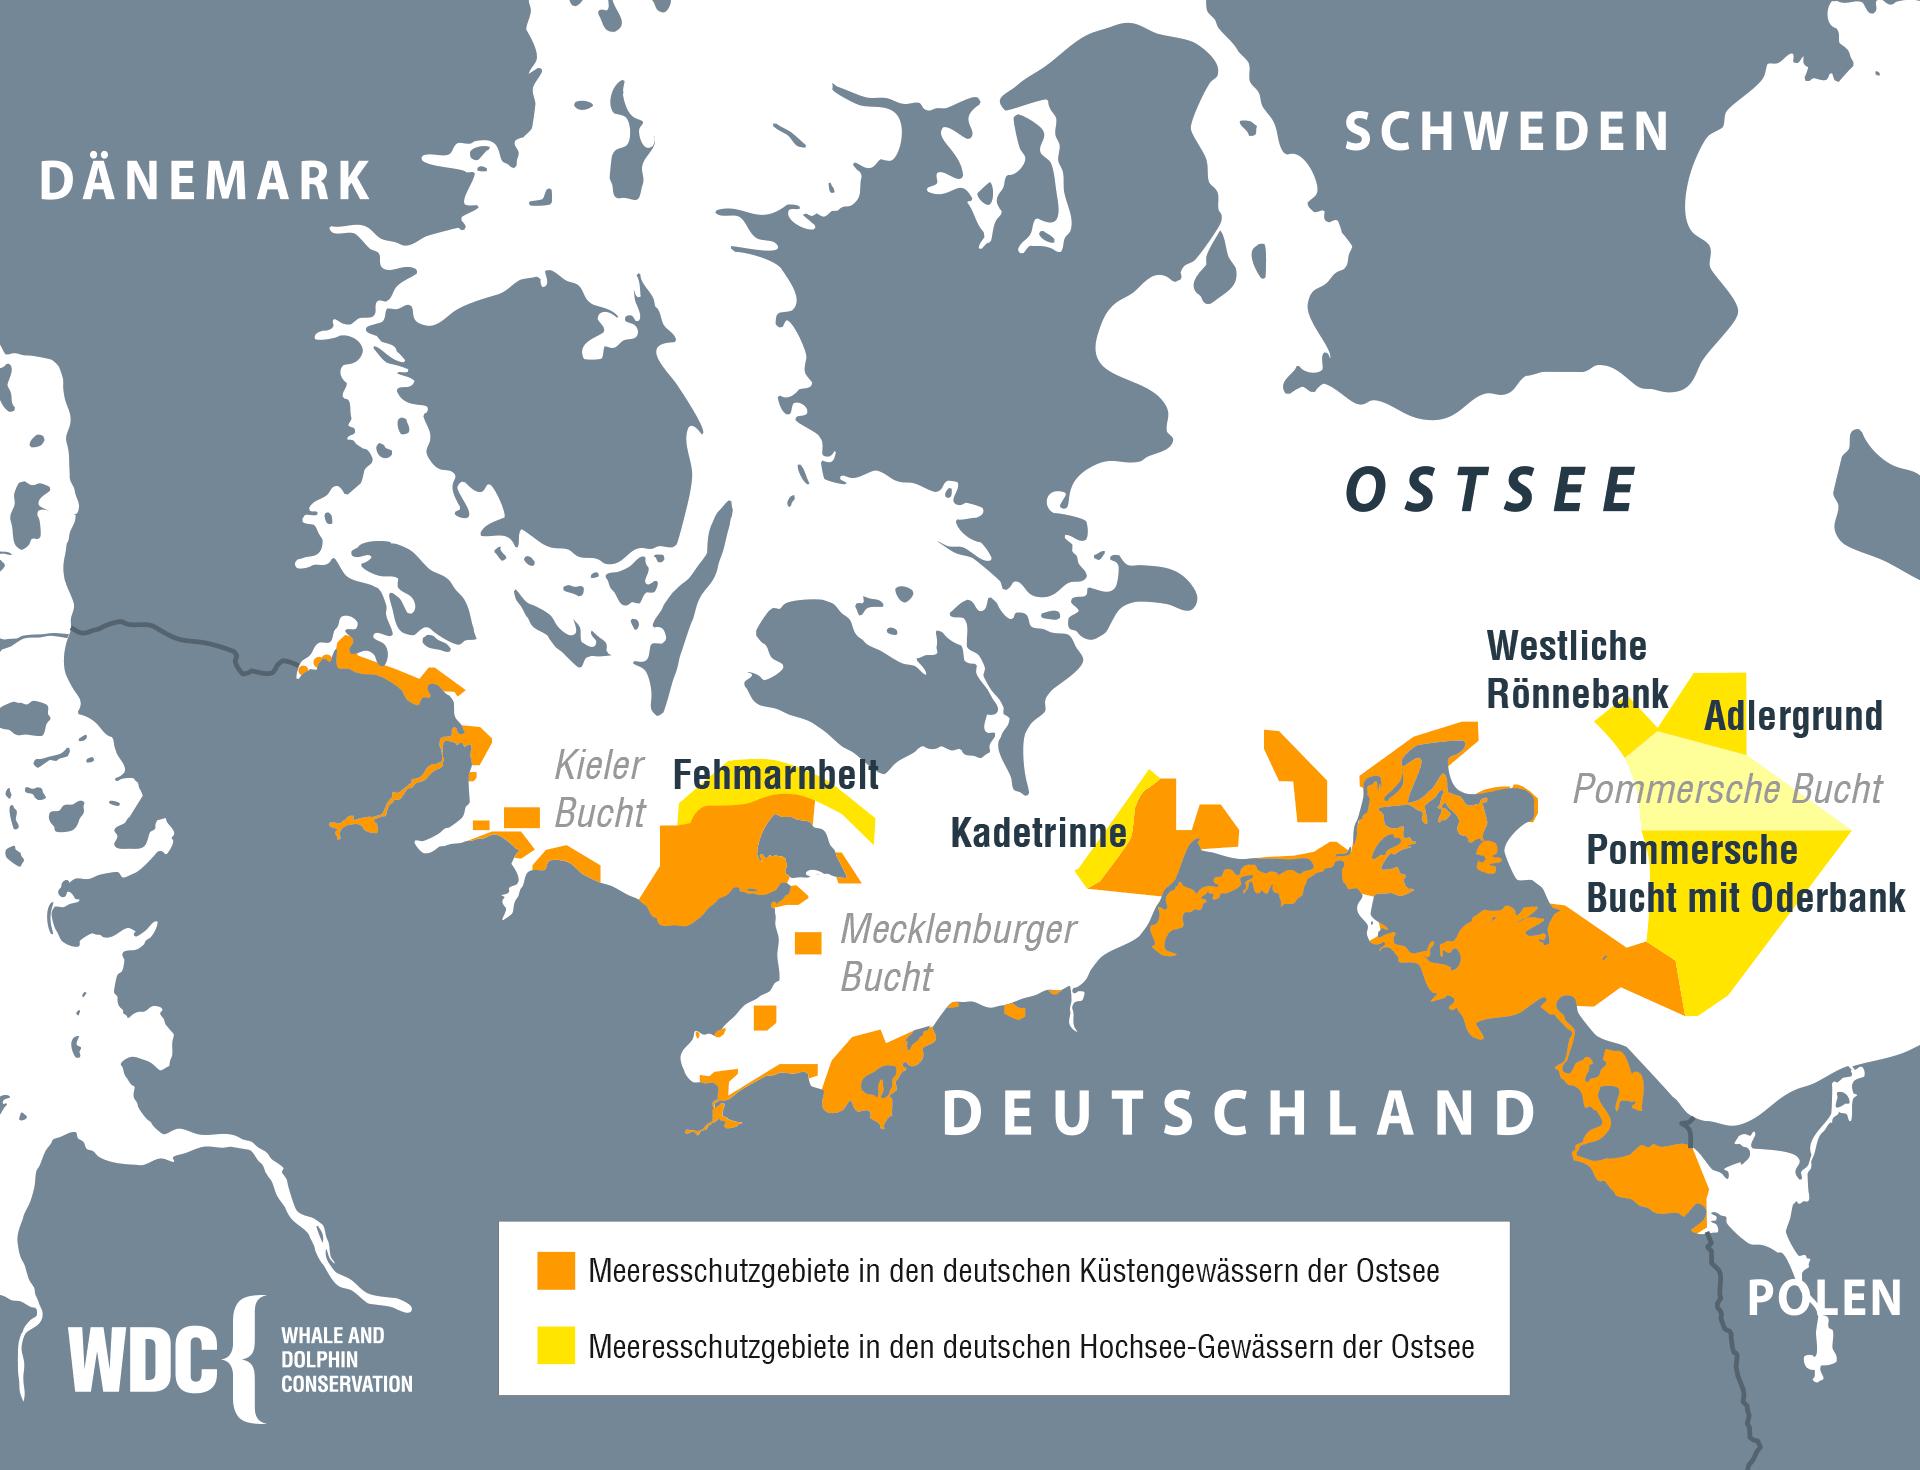 Meeresschutzgebiete der deutschen Ostsee